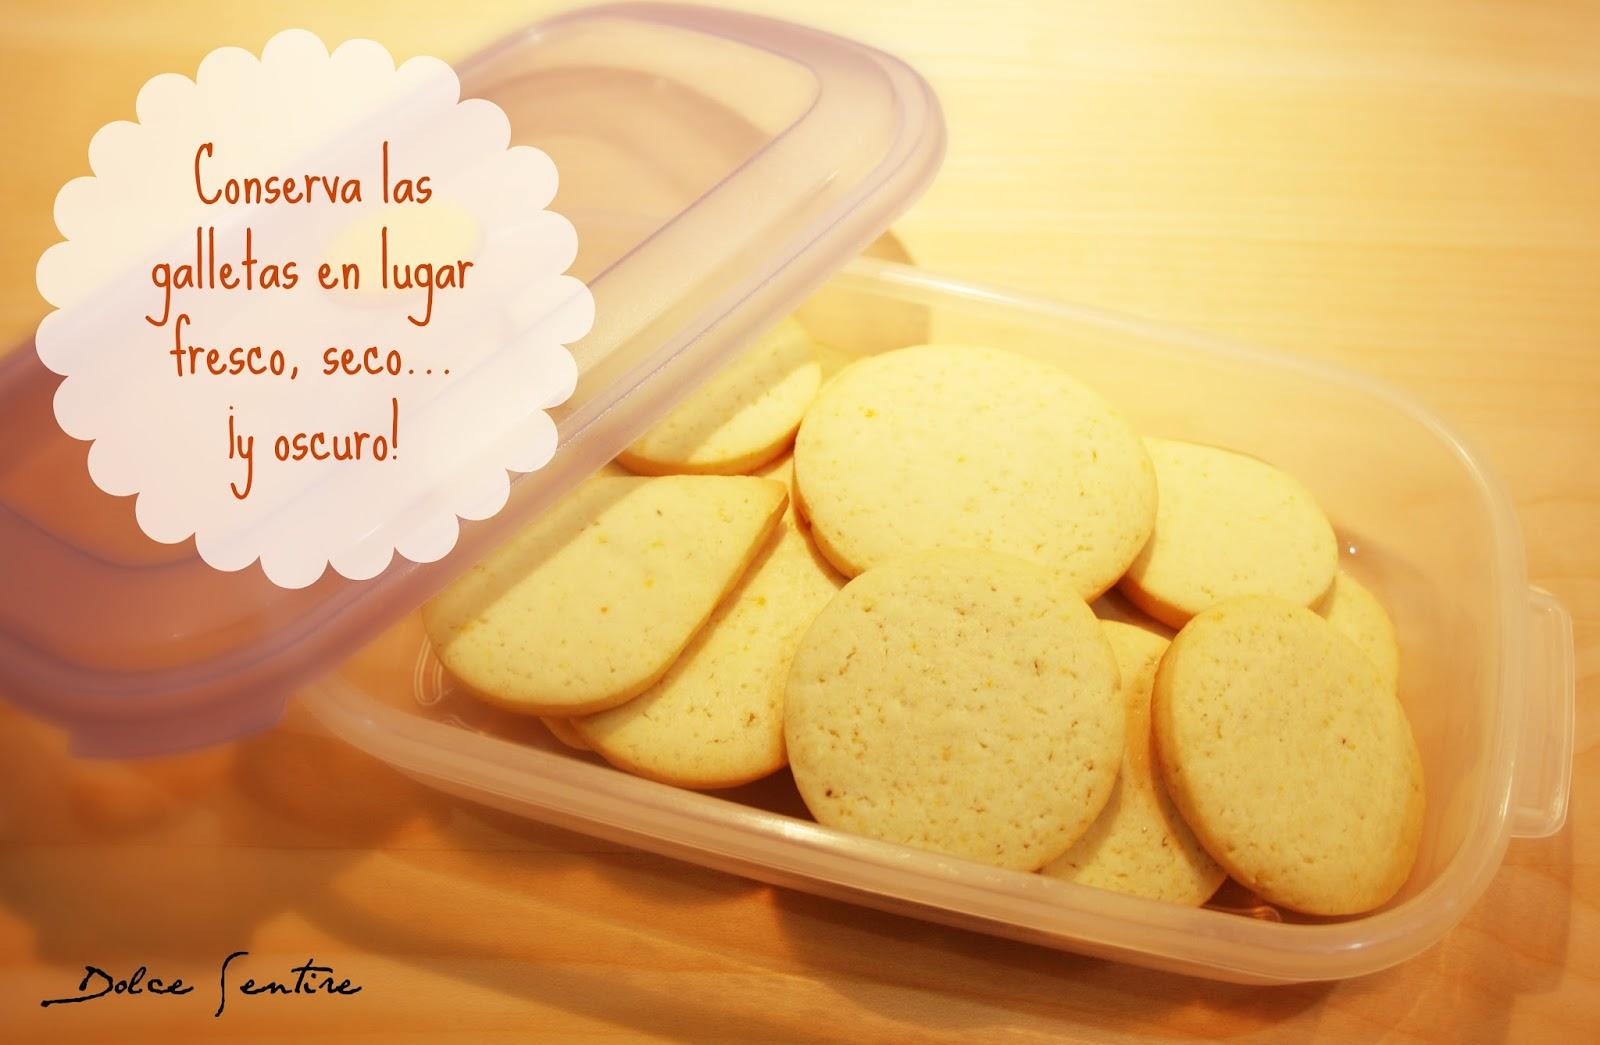 Las galletas perfectas: cómo evitar que se deformen (9 trucos definitivos)